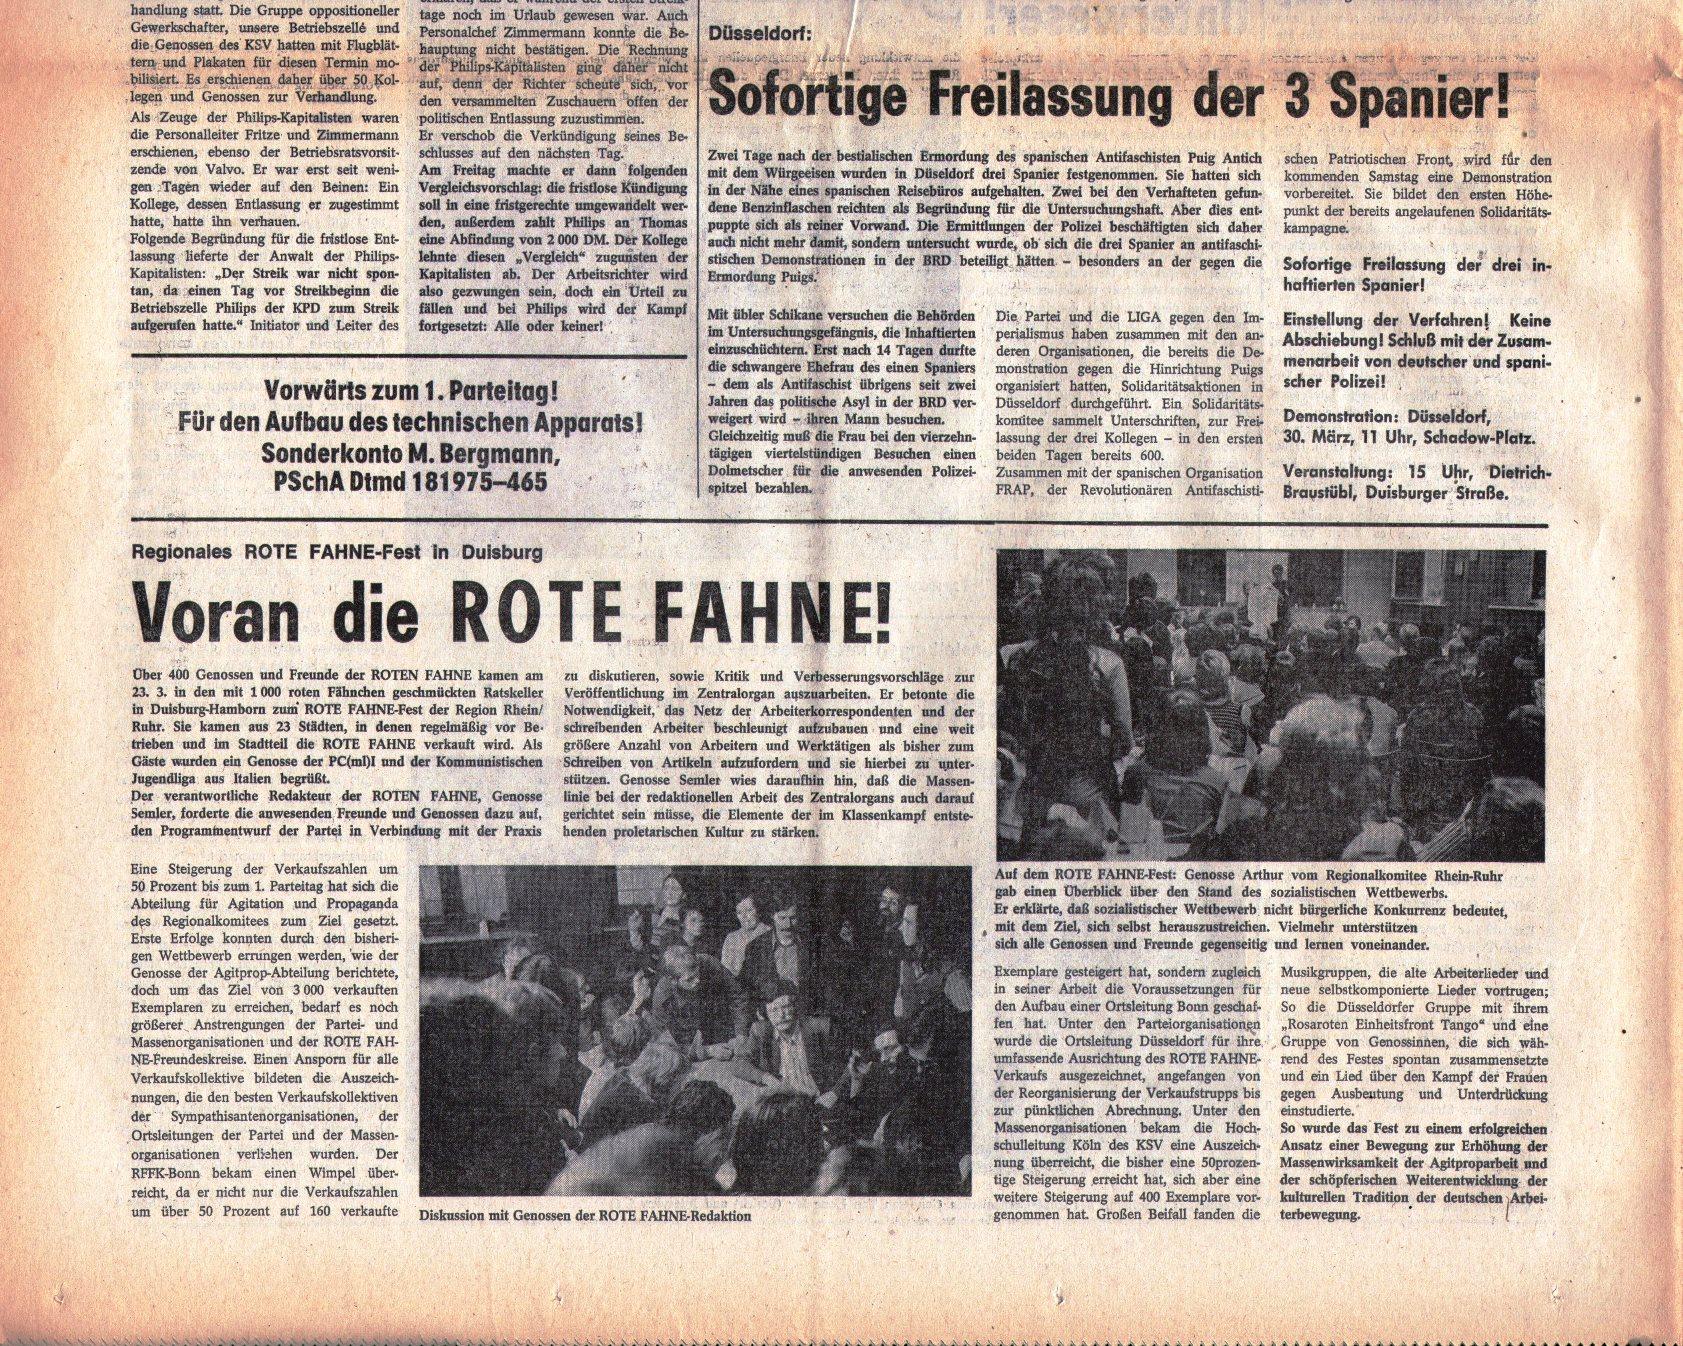 KPD_Rote_Fahne_1974_13_04